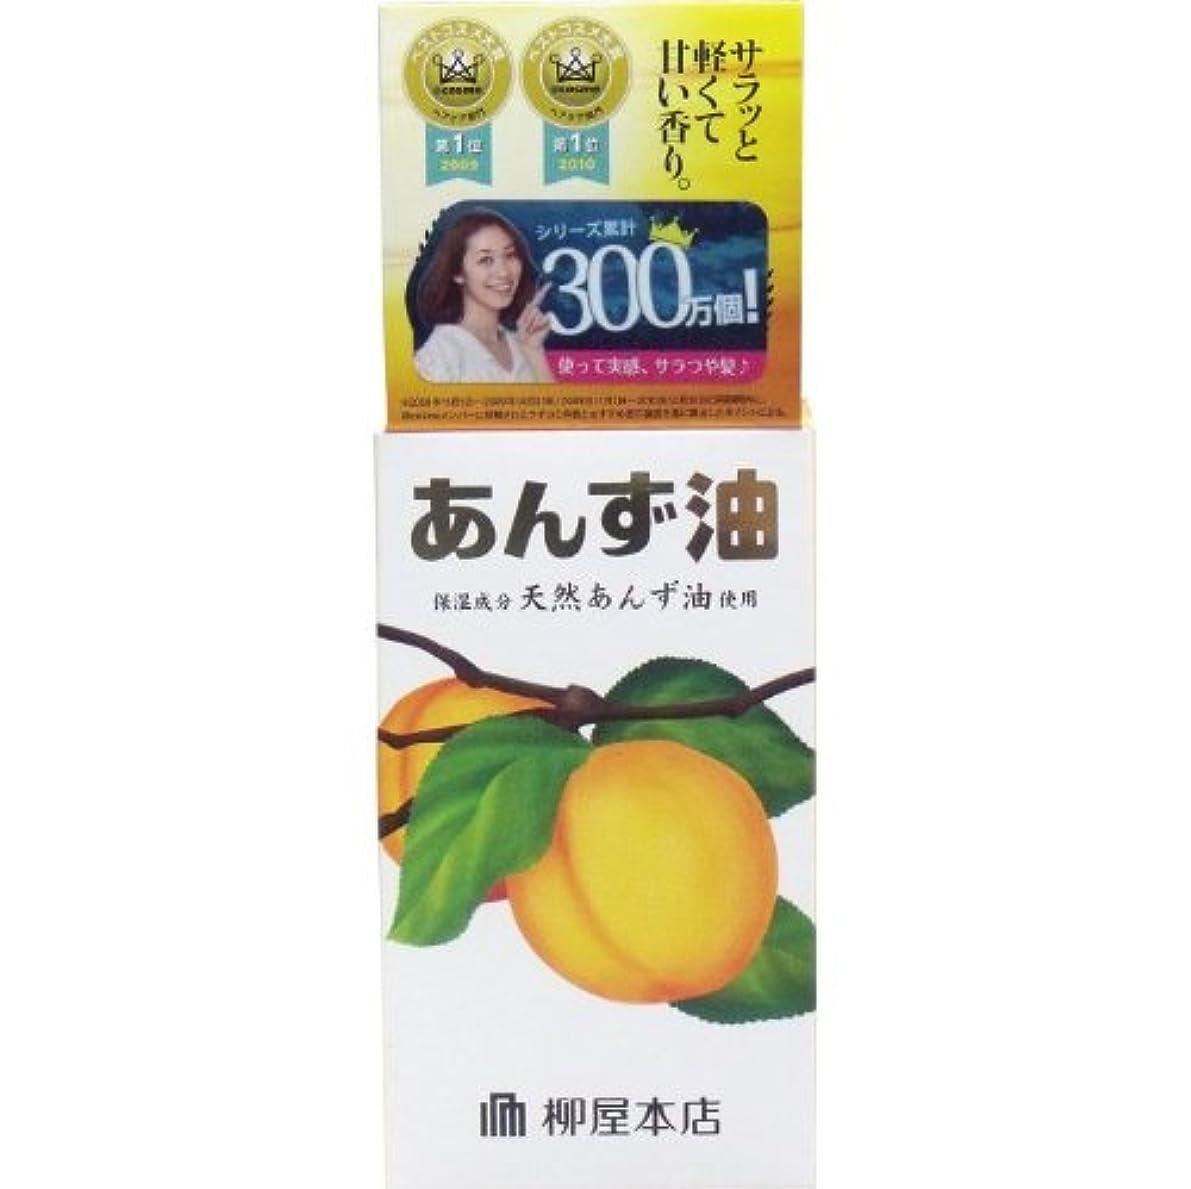 ミネラル 潤い ヘアオイル サラッと軽くて甘い香り!60mL【5個セット】